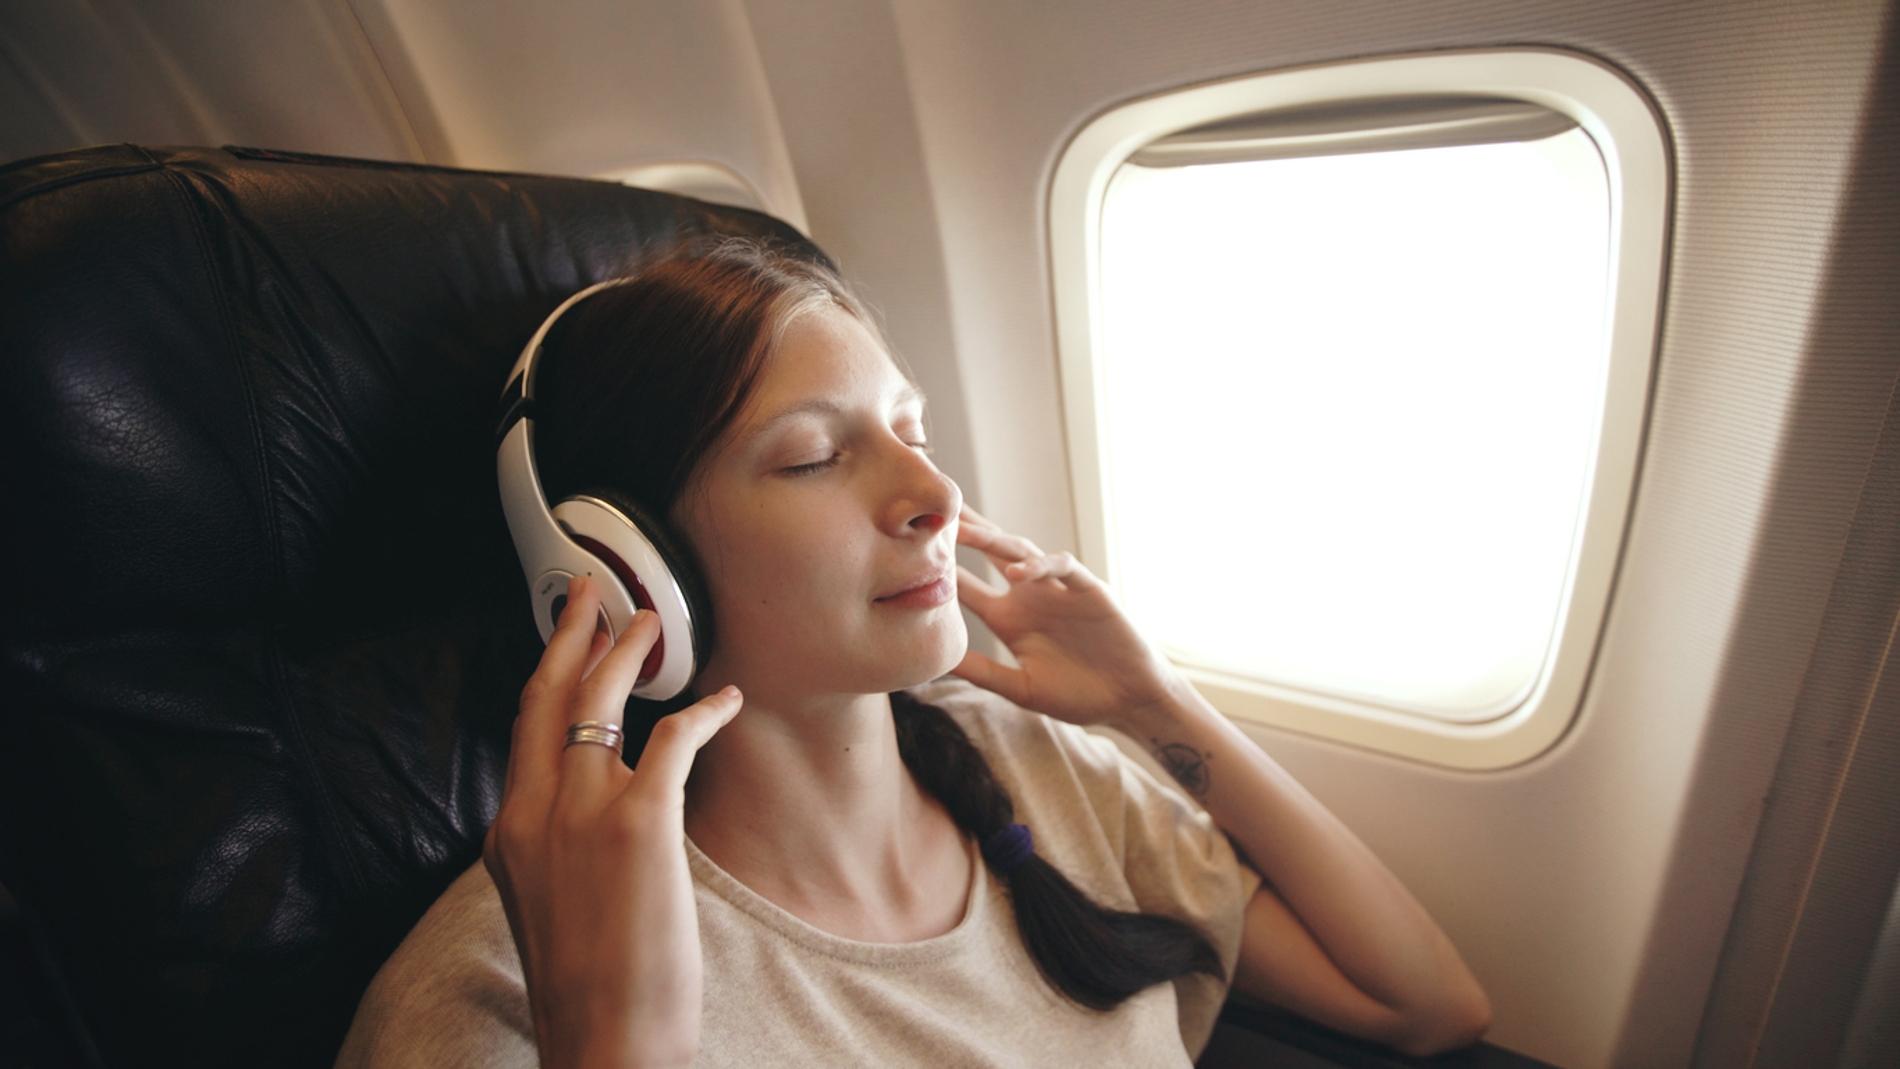 Joven escucha música con auriculares inalámbricos en el avión